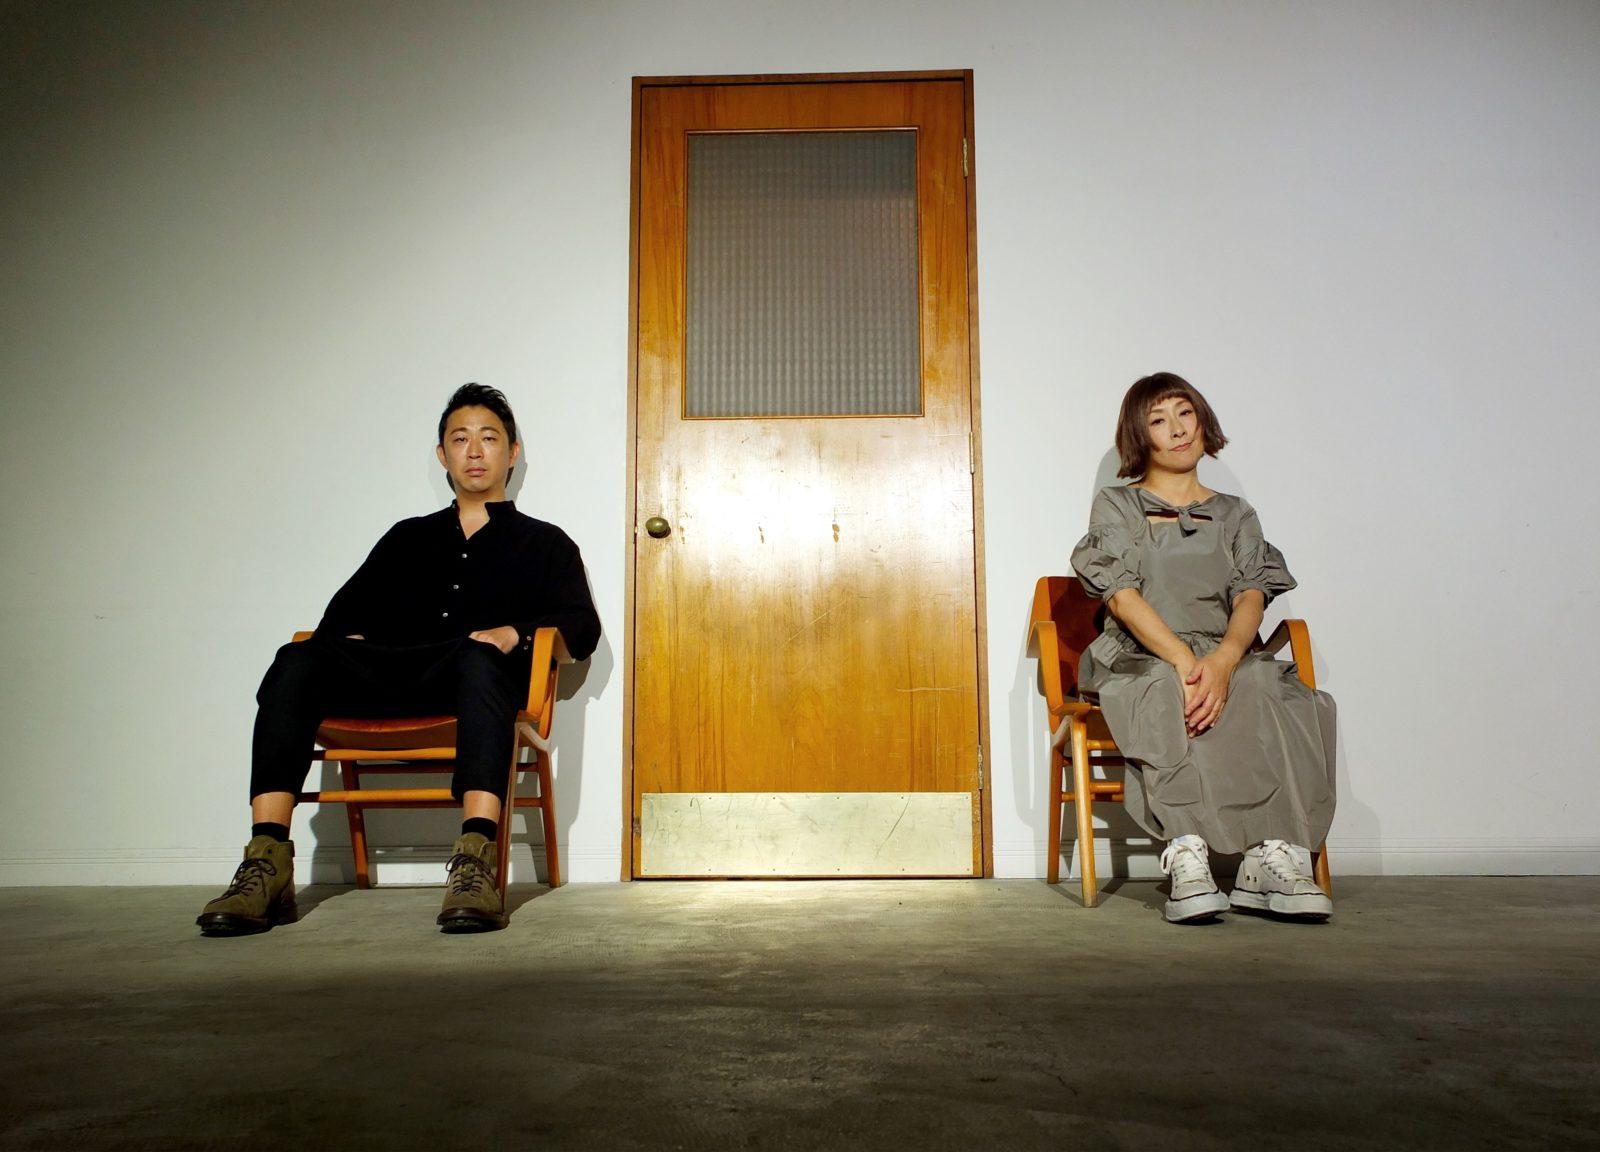 やのとあがつま、1stアルバム『Asteroid and Butterfly』詳細&アートワーク公開サムネイル画像